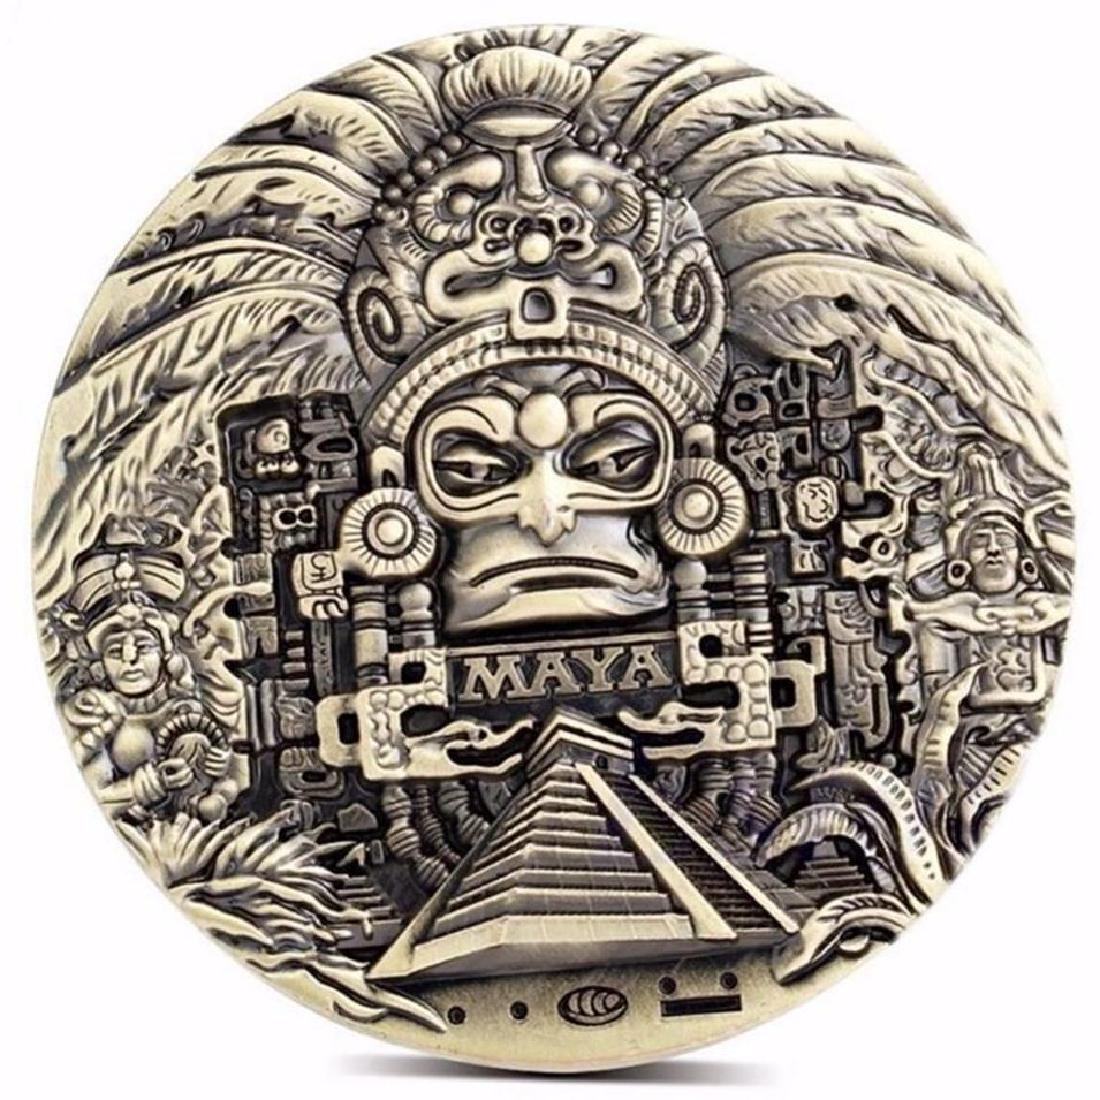 Big Mexico Mayan Calendar Collectible Coin